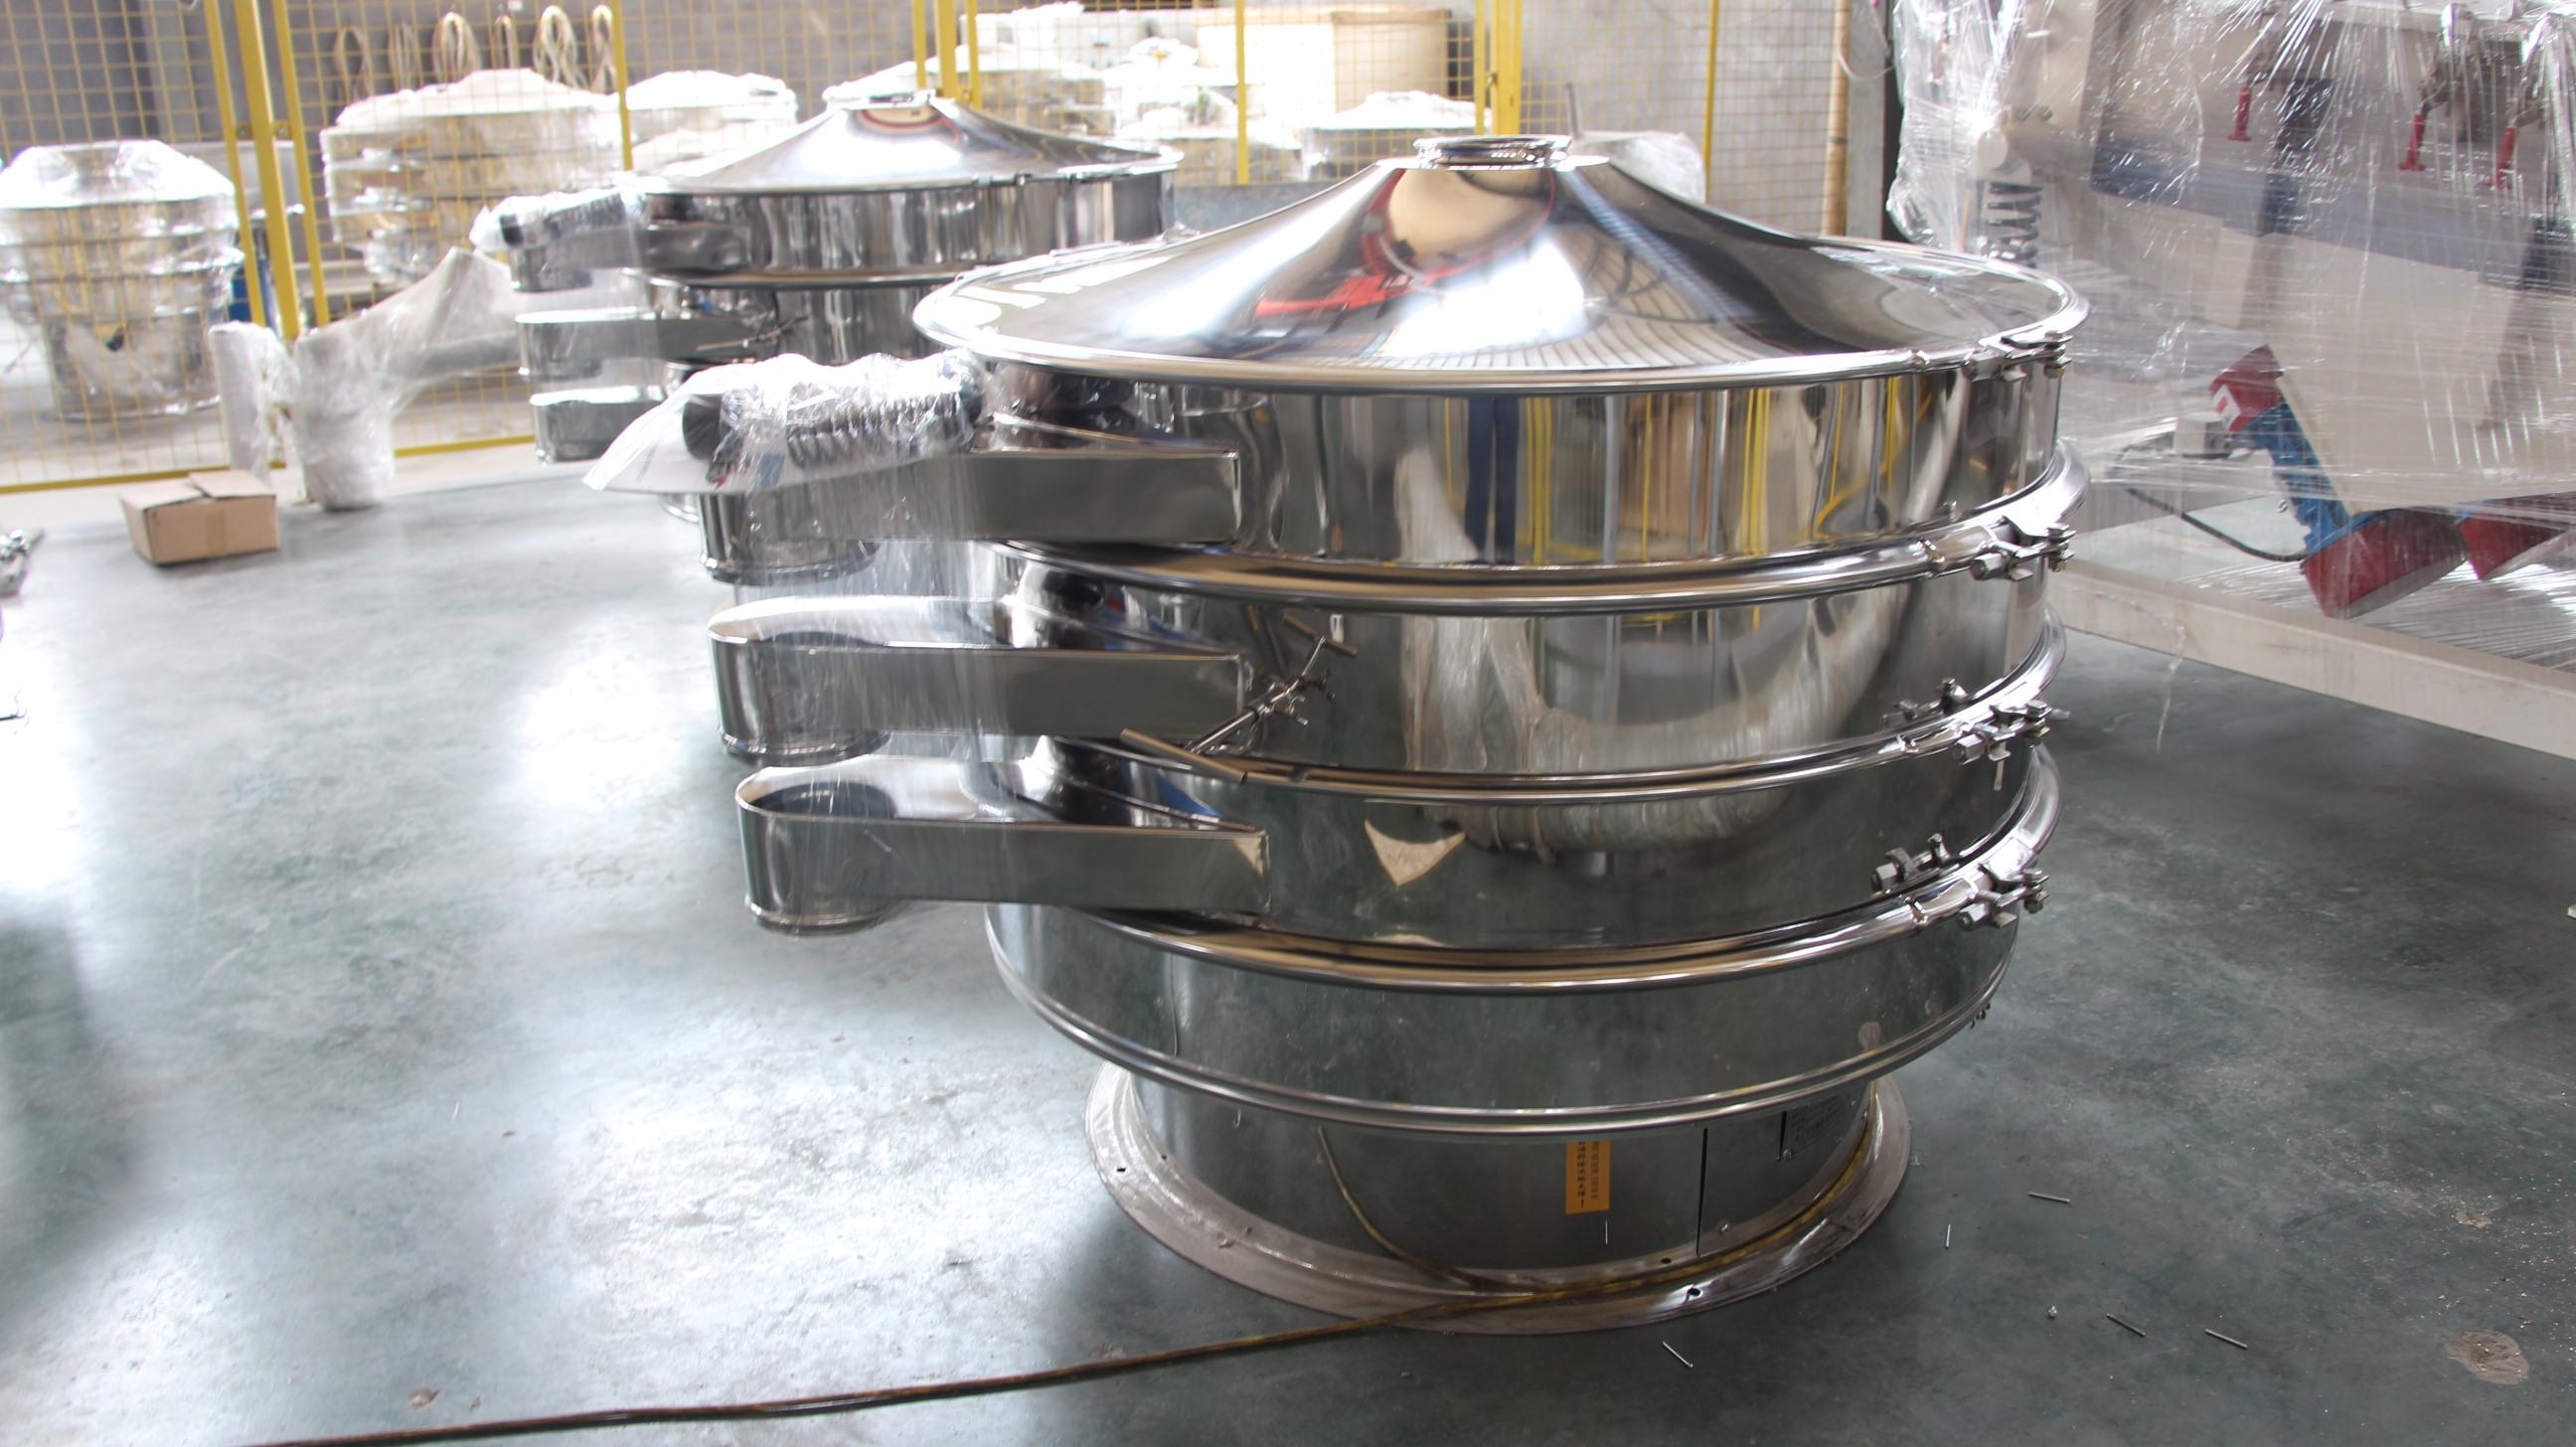 先锋振动筛厂家供应 筛分供应白色PP颗粒 优质注塑PP再生颗粒振动筛 震动筛选机